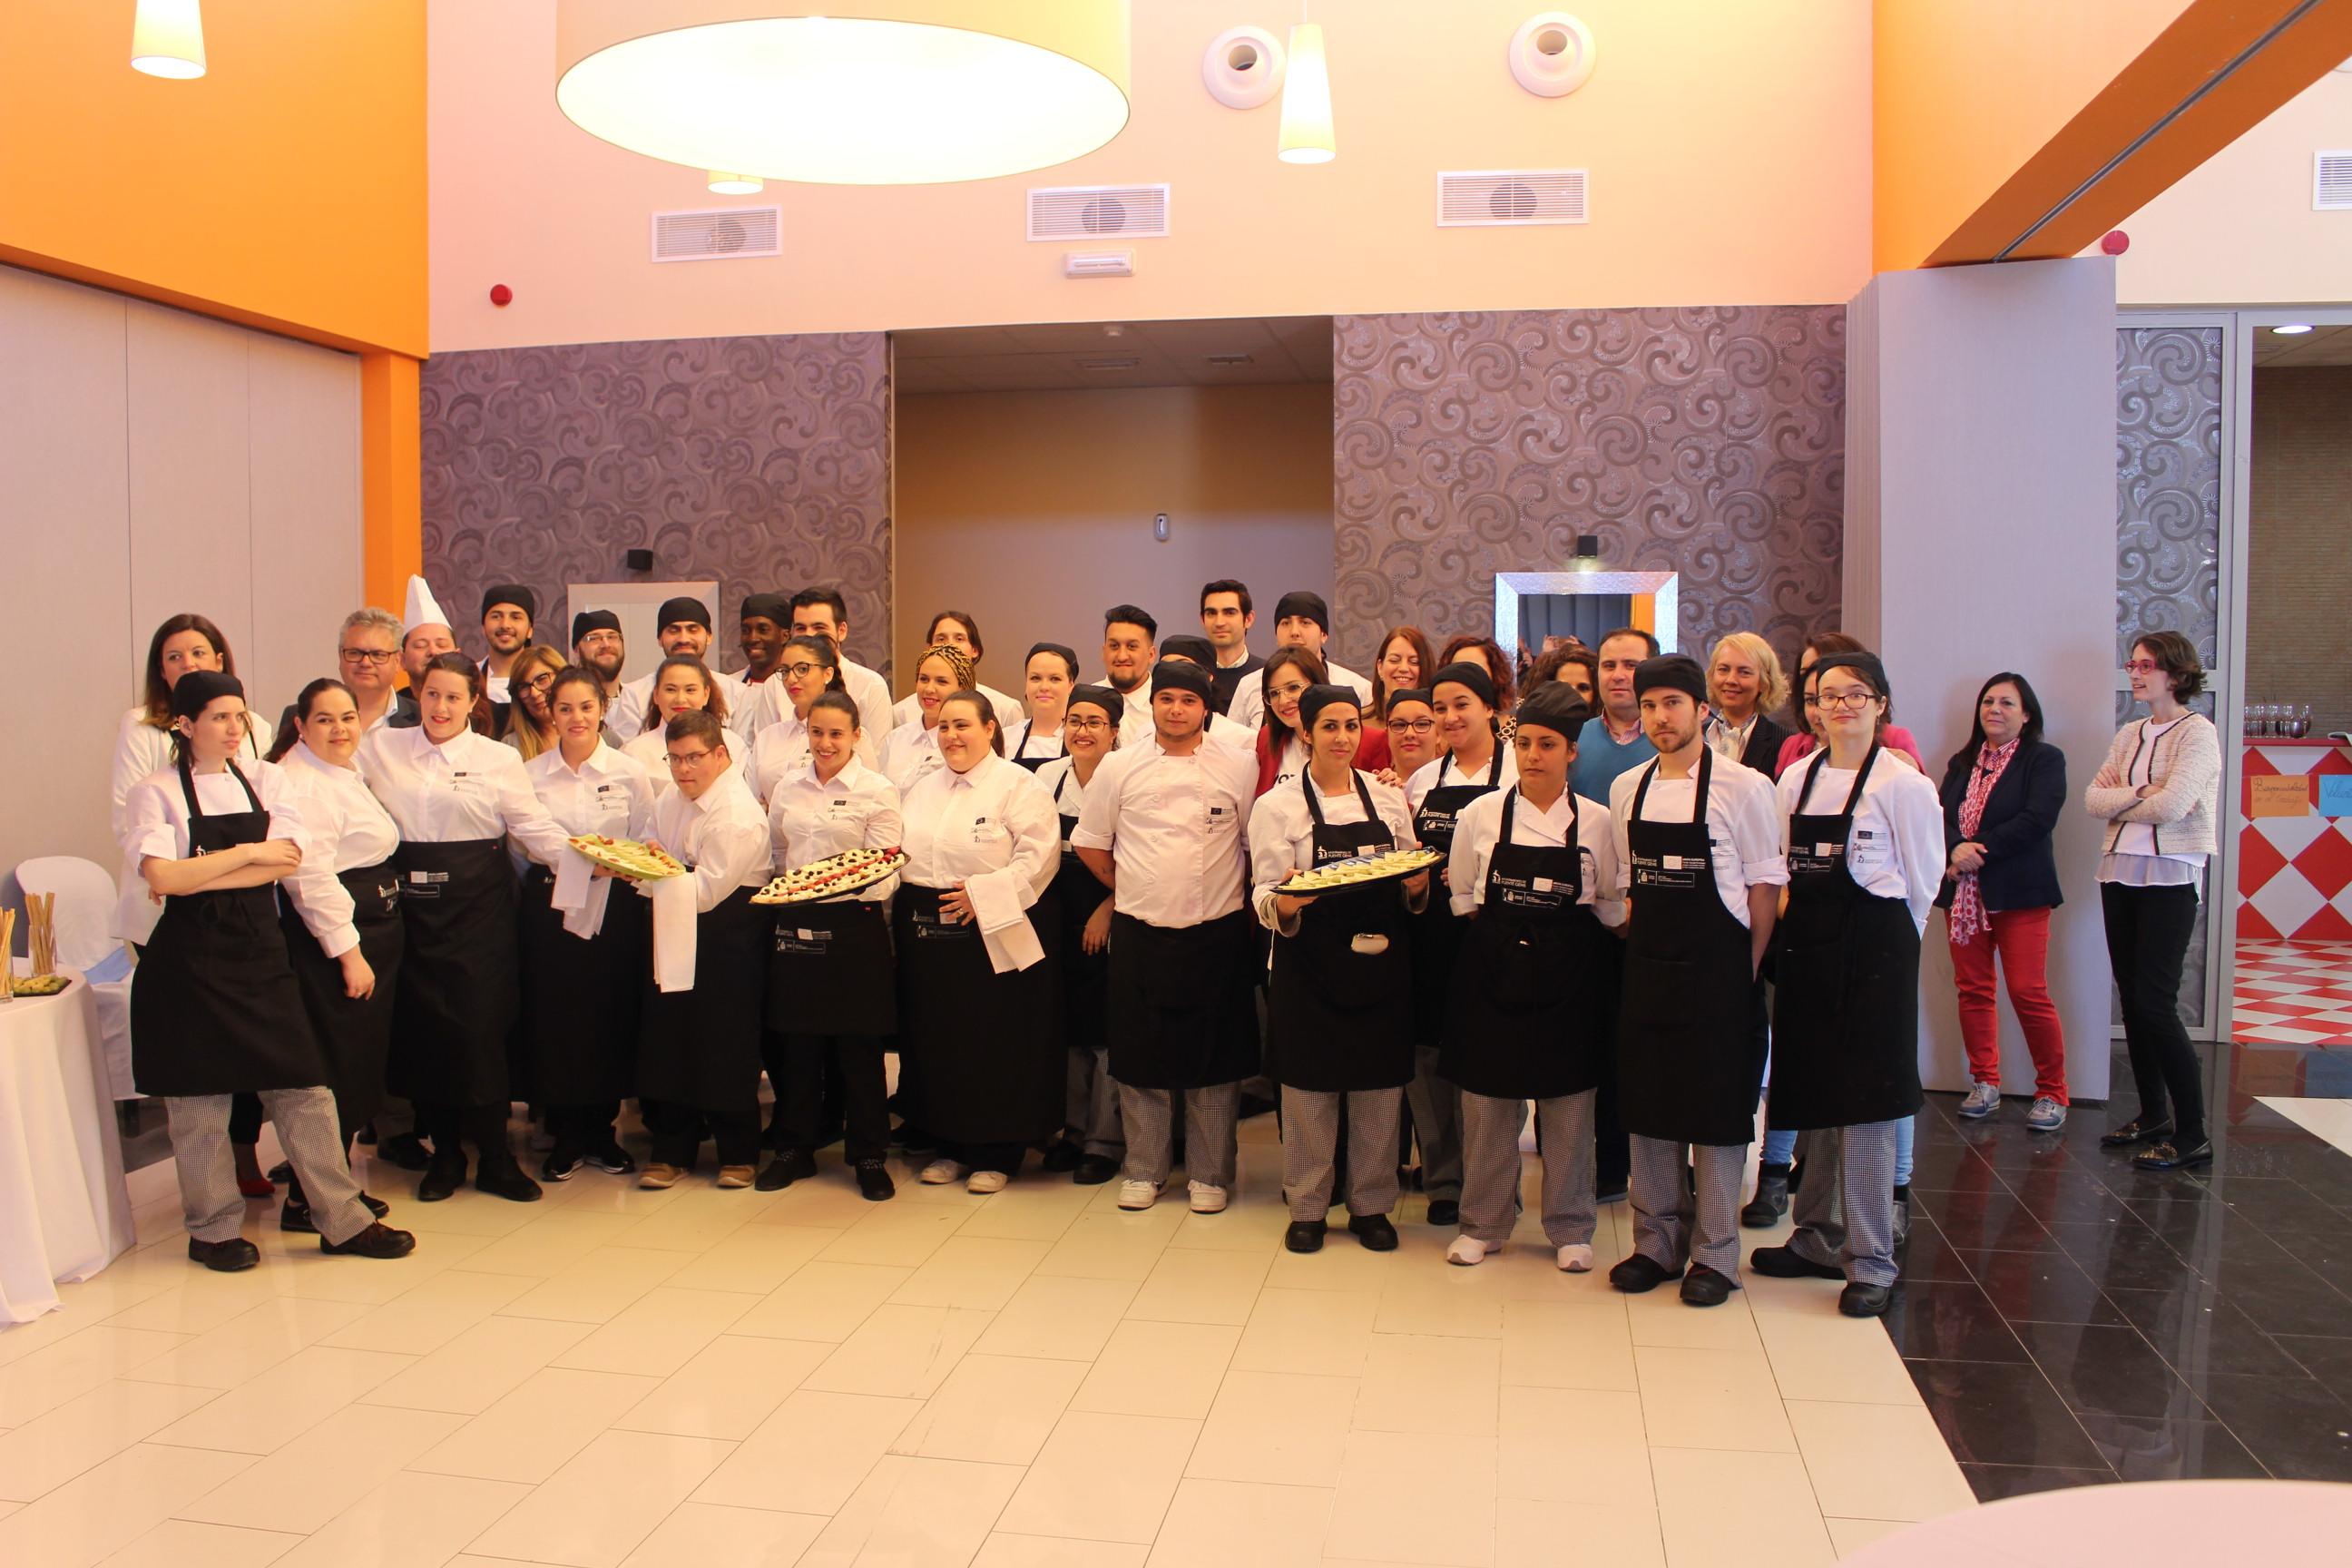 """Clausura del itinerario formativo del """"Puente Genil Emplea Joven"""" Gastrociudad II """"Operaciones básicas de restaurante y bar"""""""